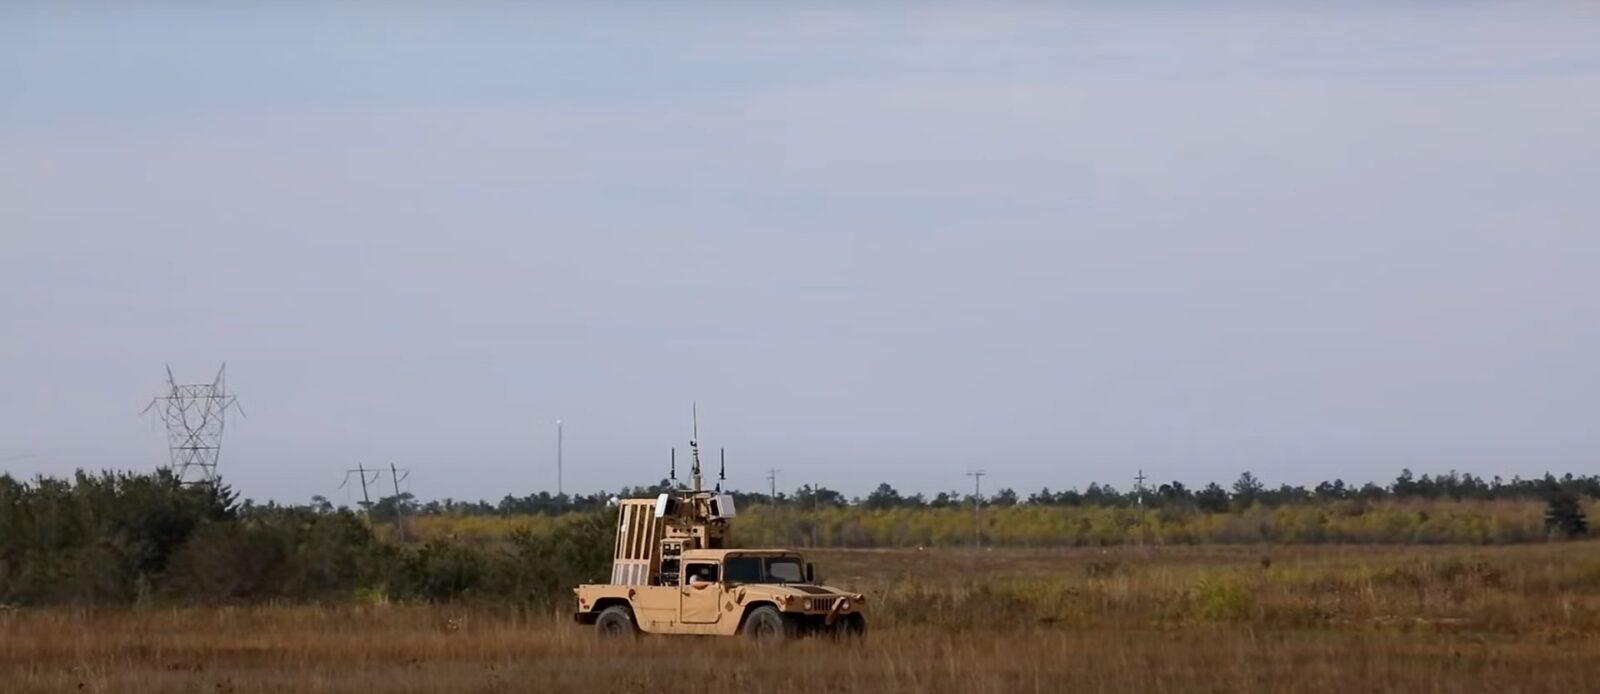 DARPA представила новый способ уничтожения чужих квадрокоптеров